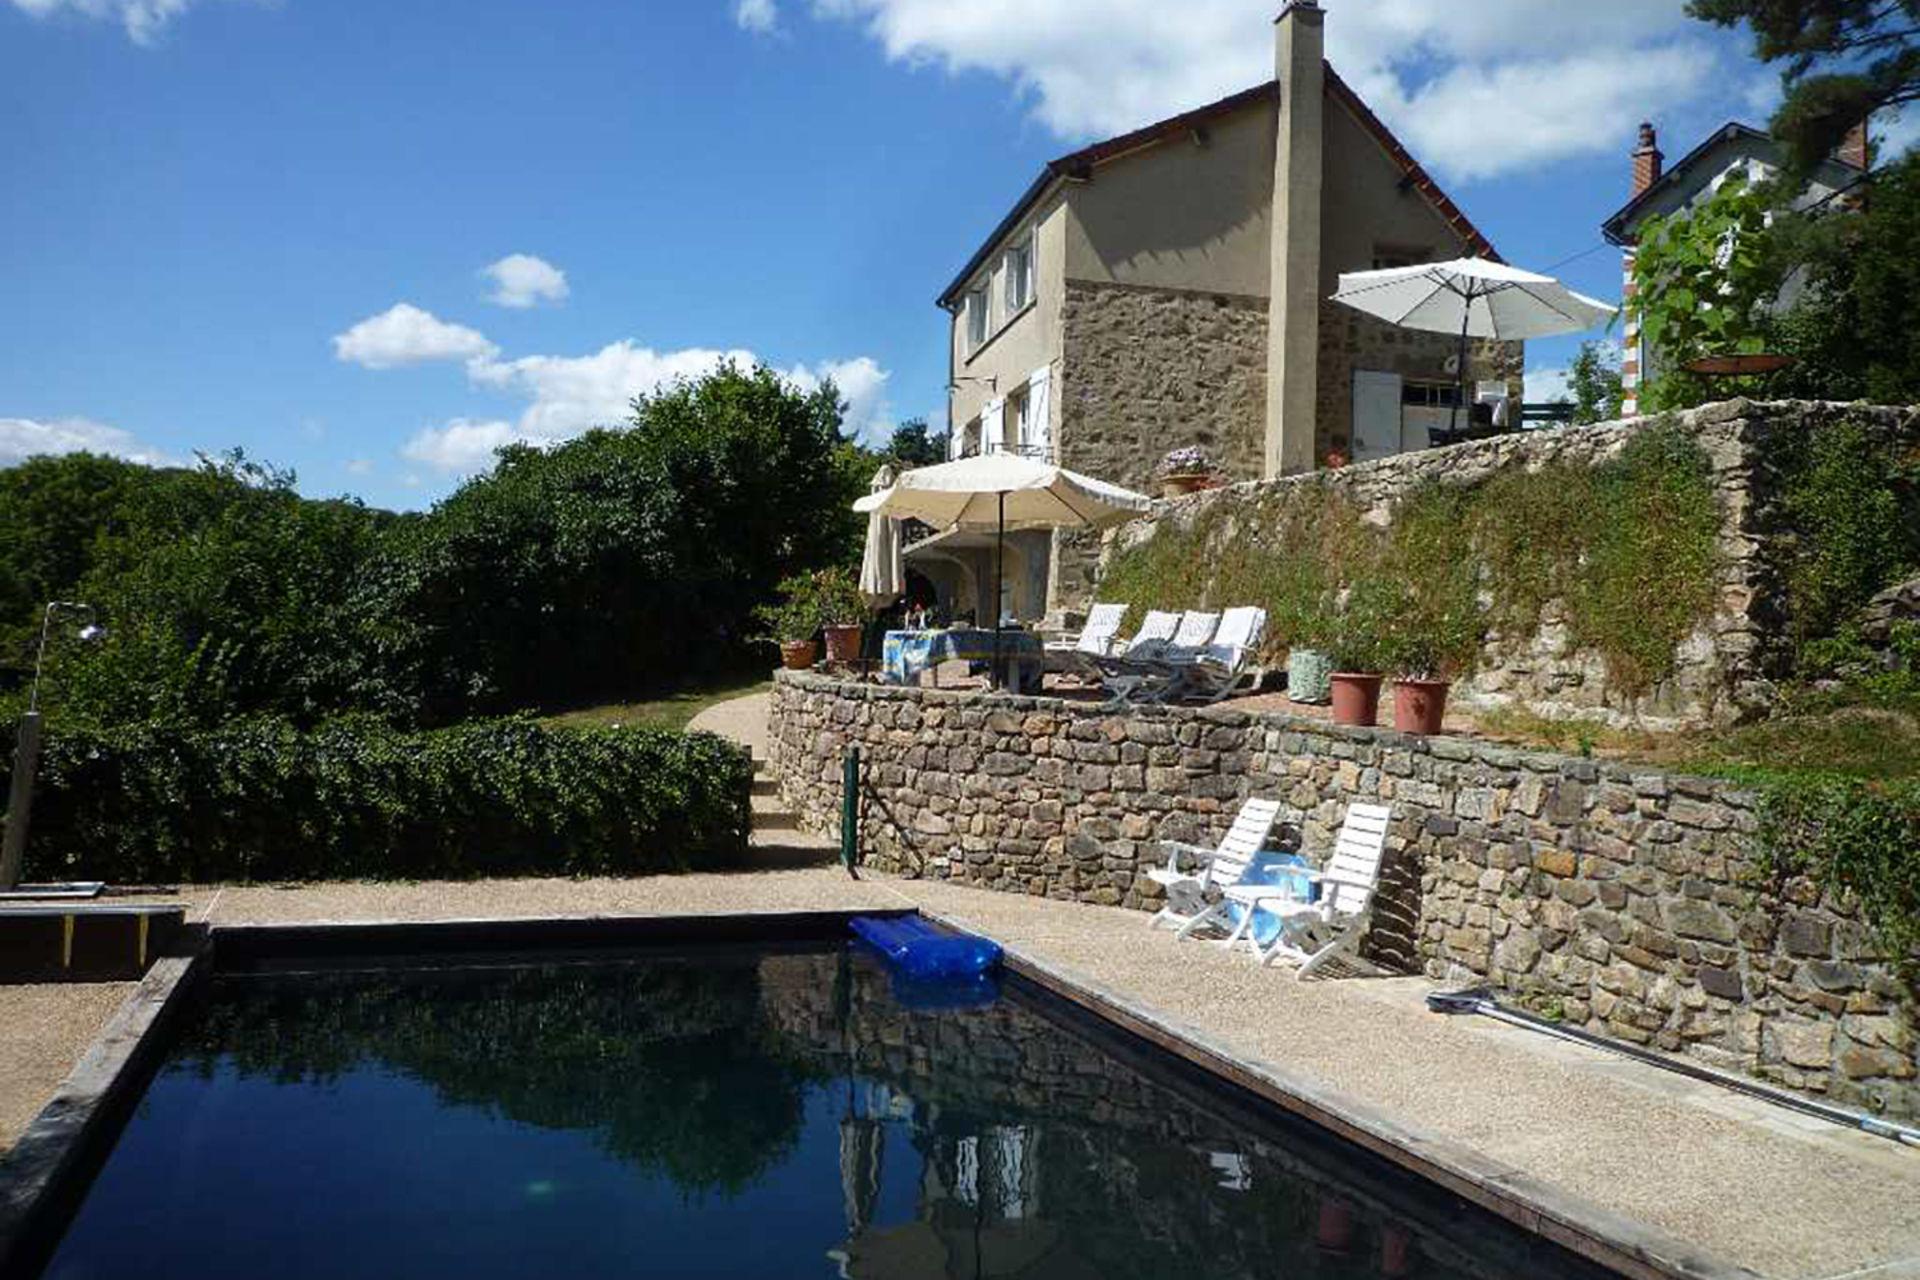 Zwembad In Huis : Bekijk vakantiehuis huis met zwembad in nièvre bourgogne gites